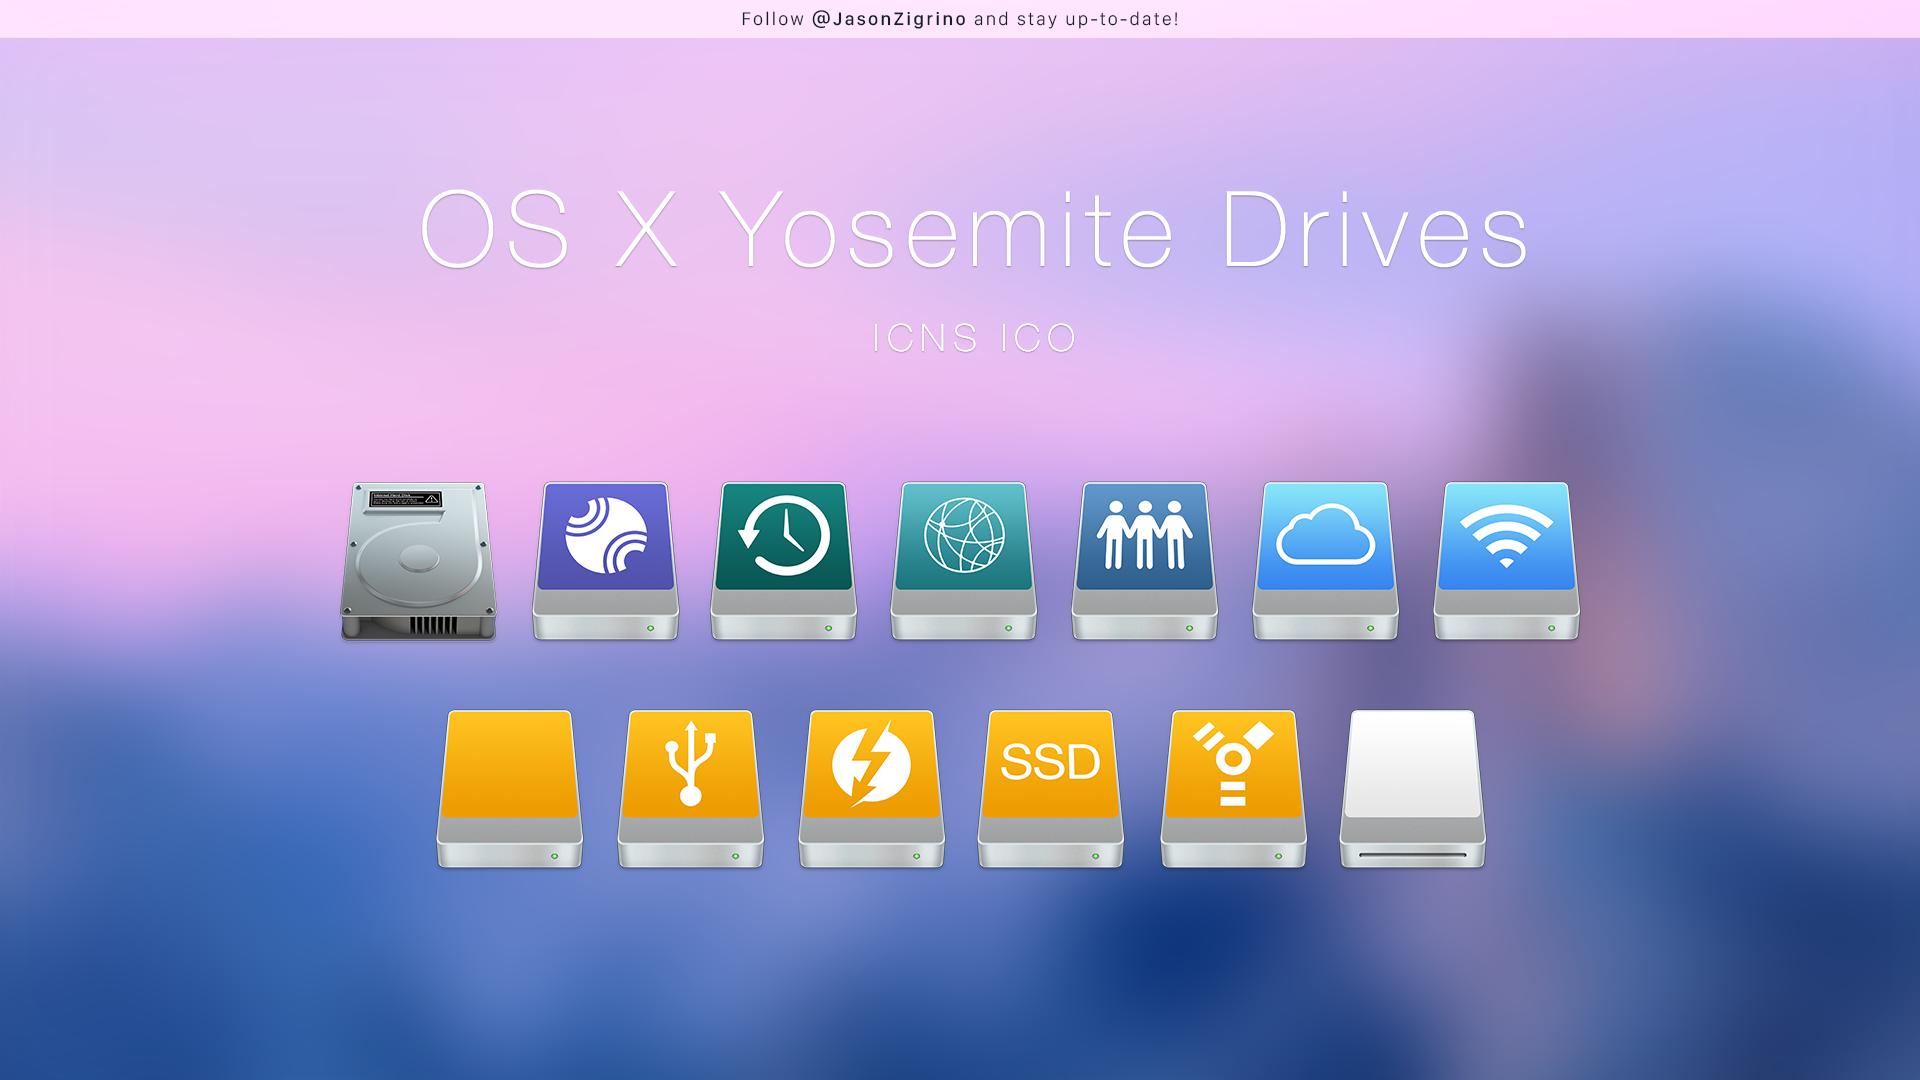 OS X Yosemite Drives by JasonZigrino